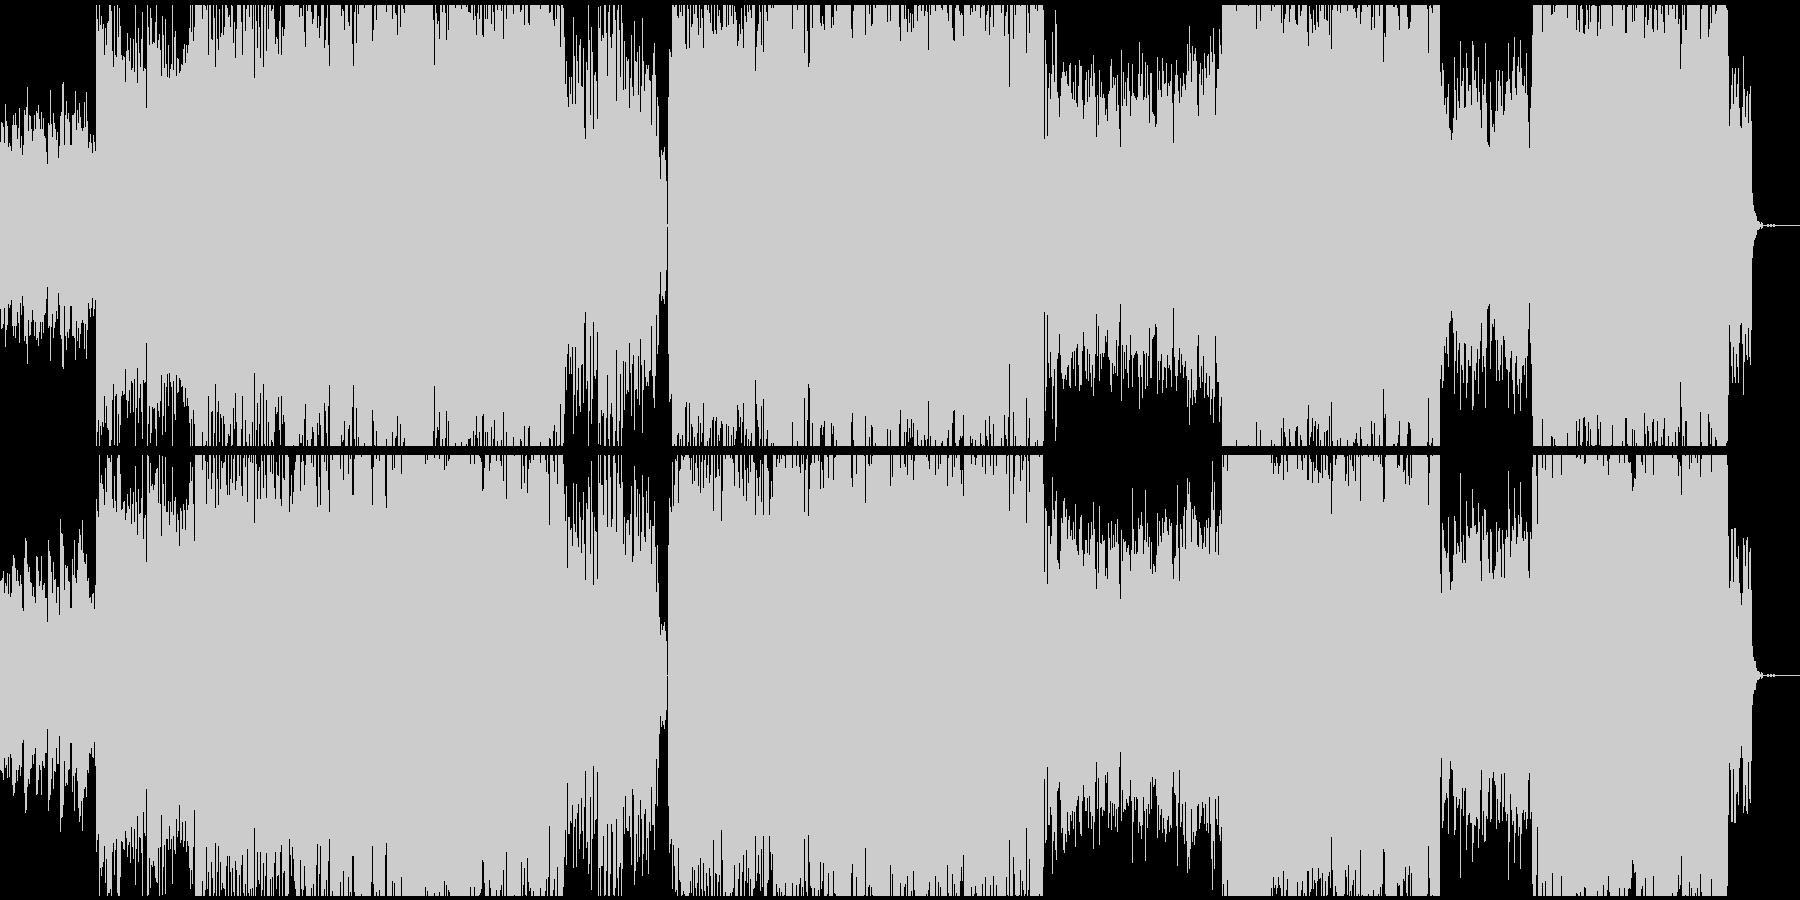 女性ボーカル/キラキラしたポップ/朝の未再生の波形